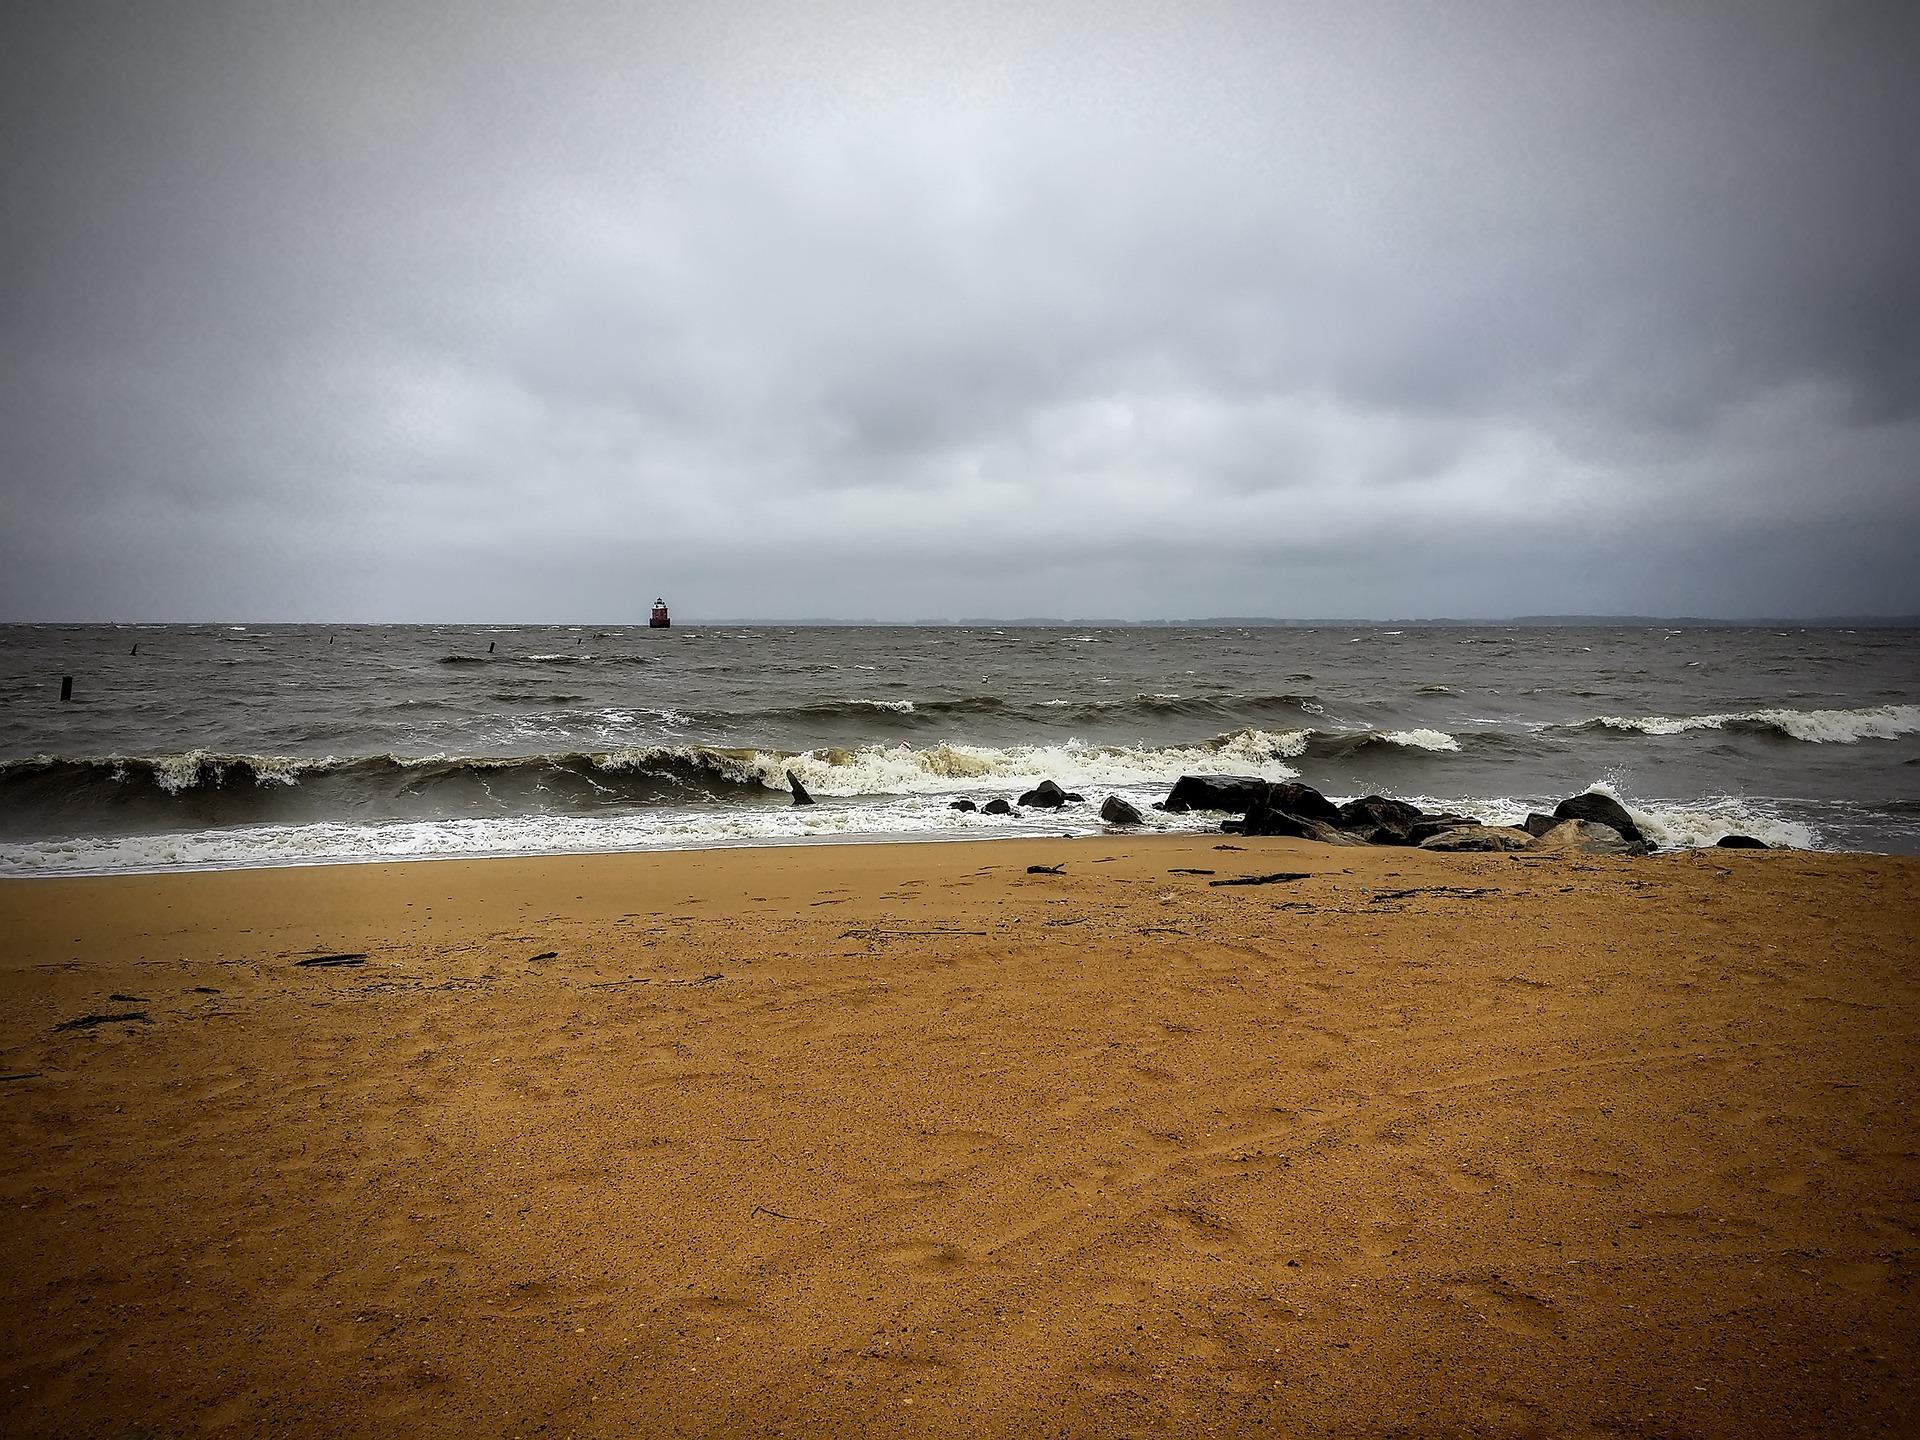 beach-461273_1920